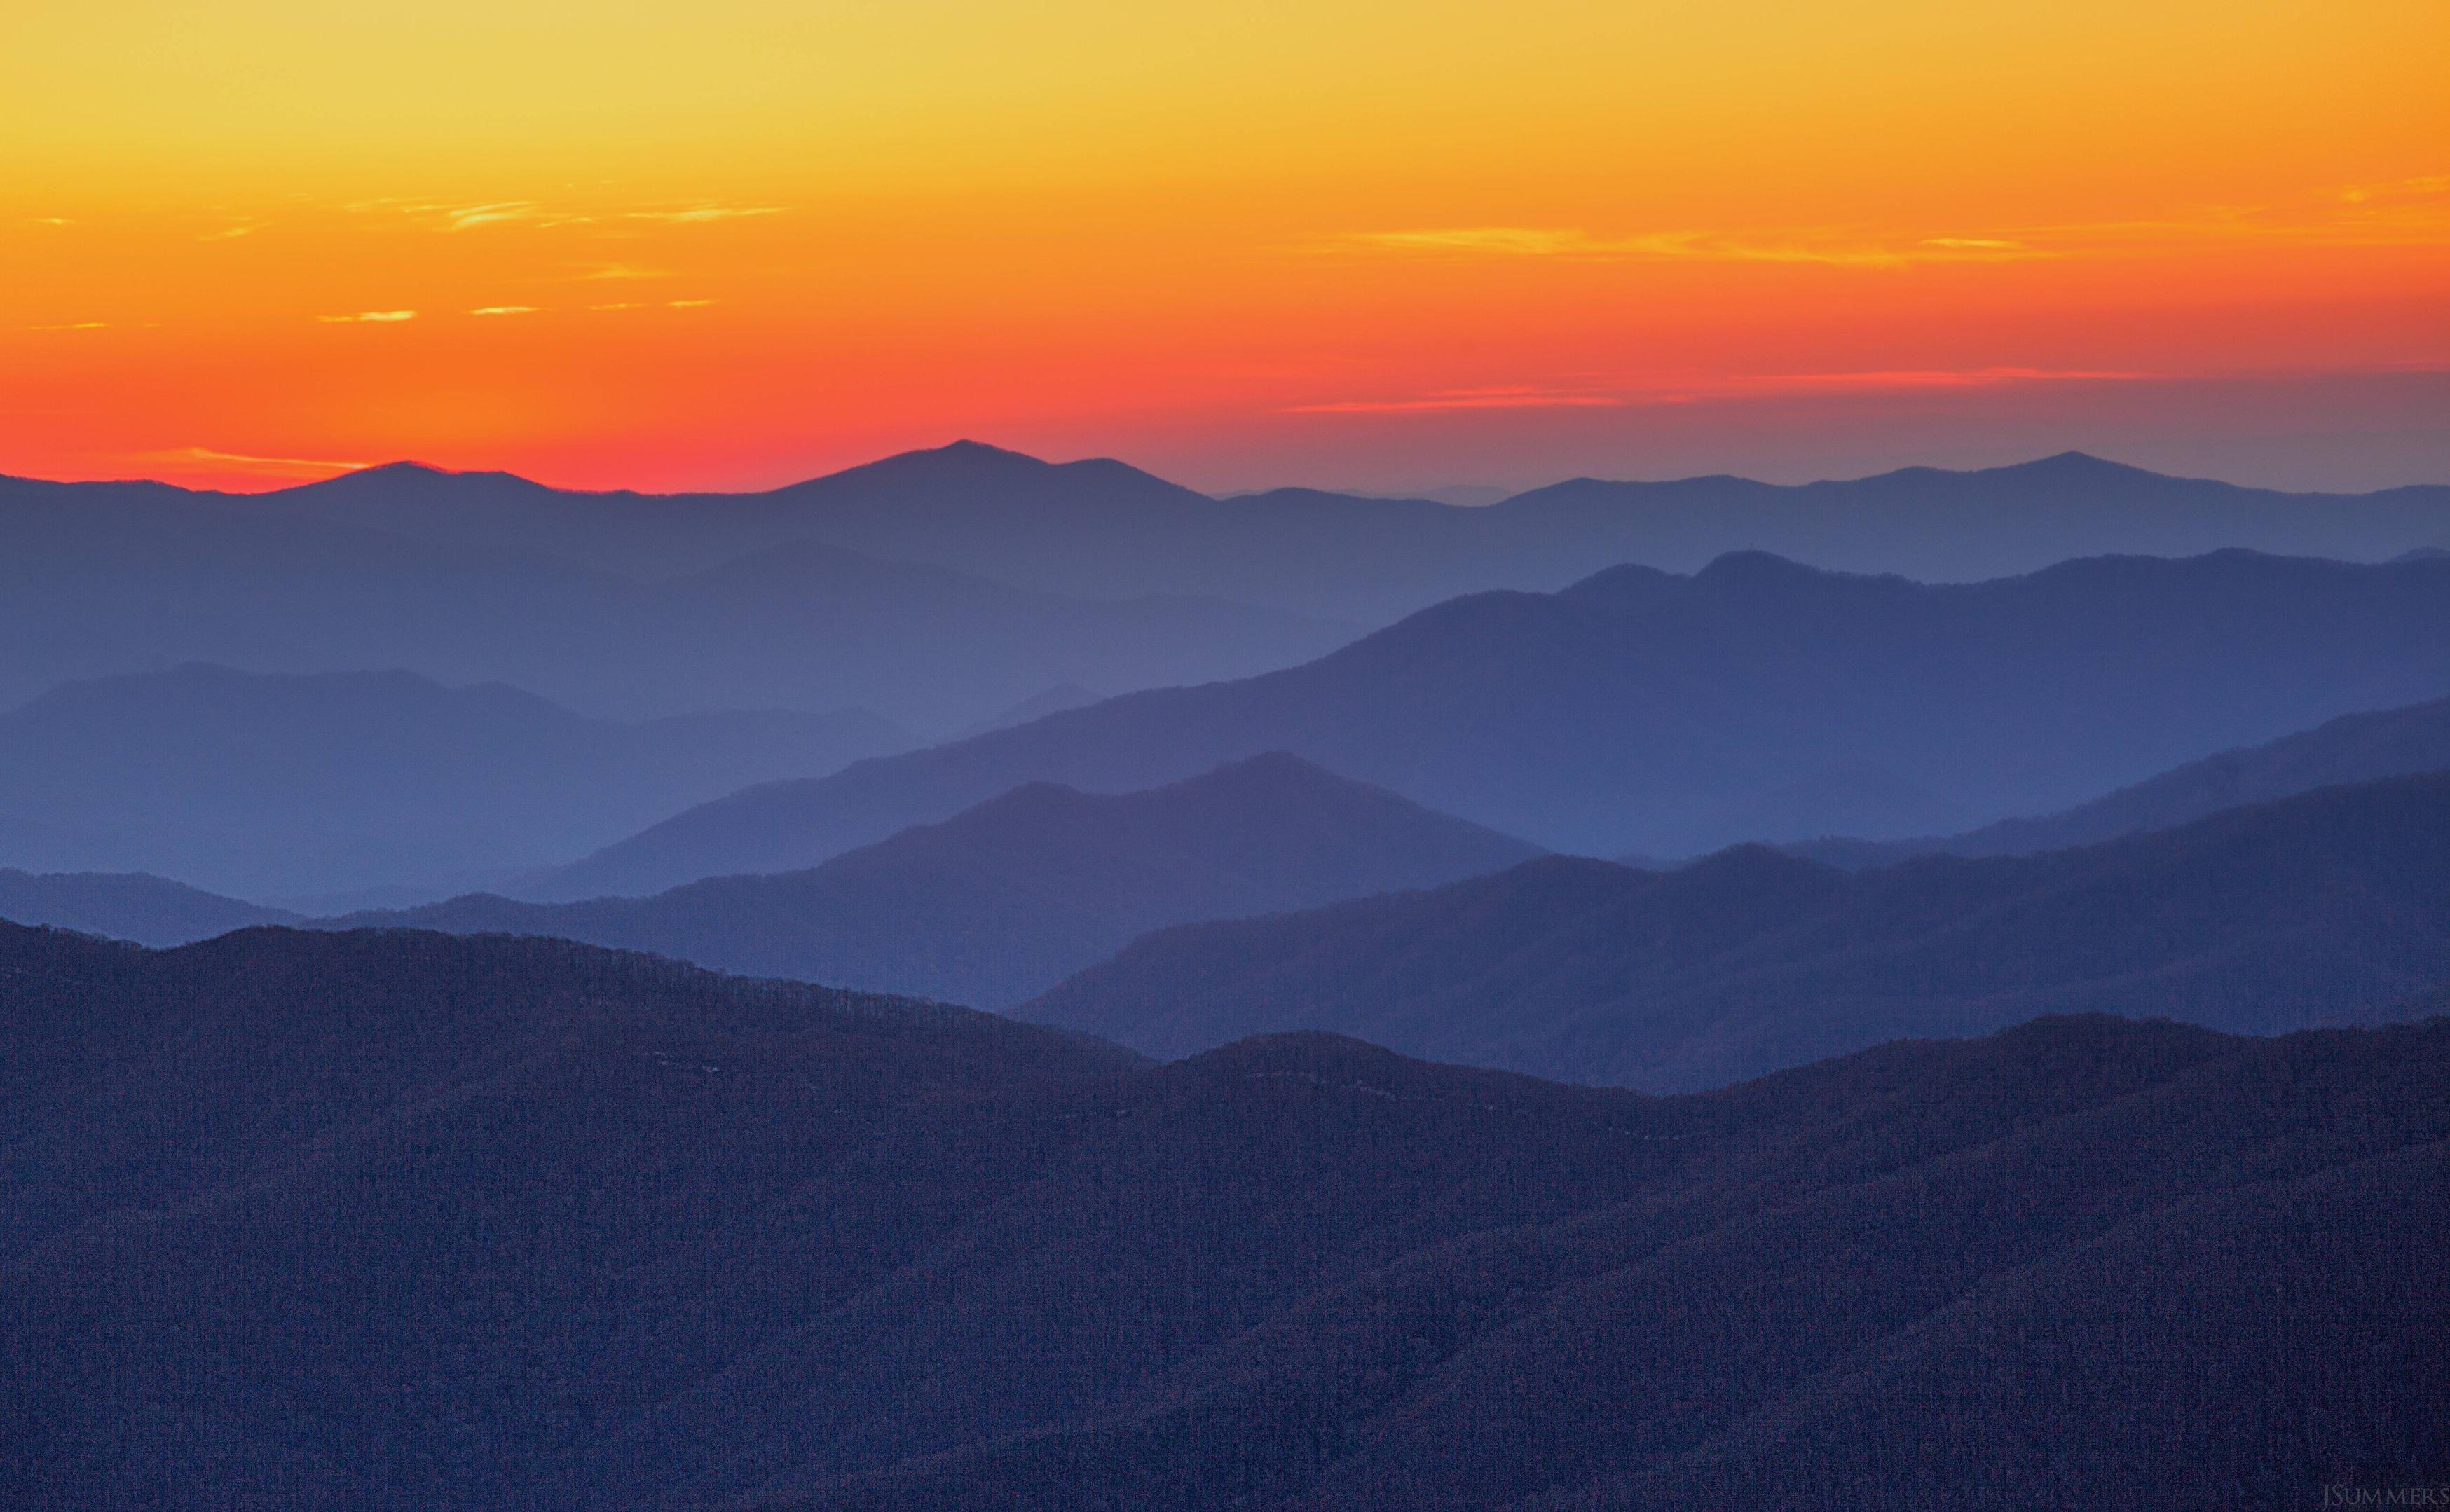 Autumn Sunset Scenes/cerulean Blue